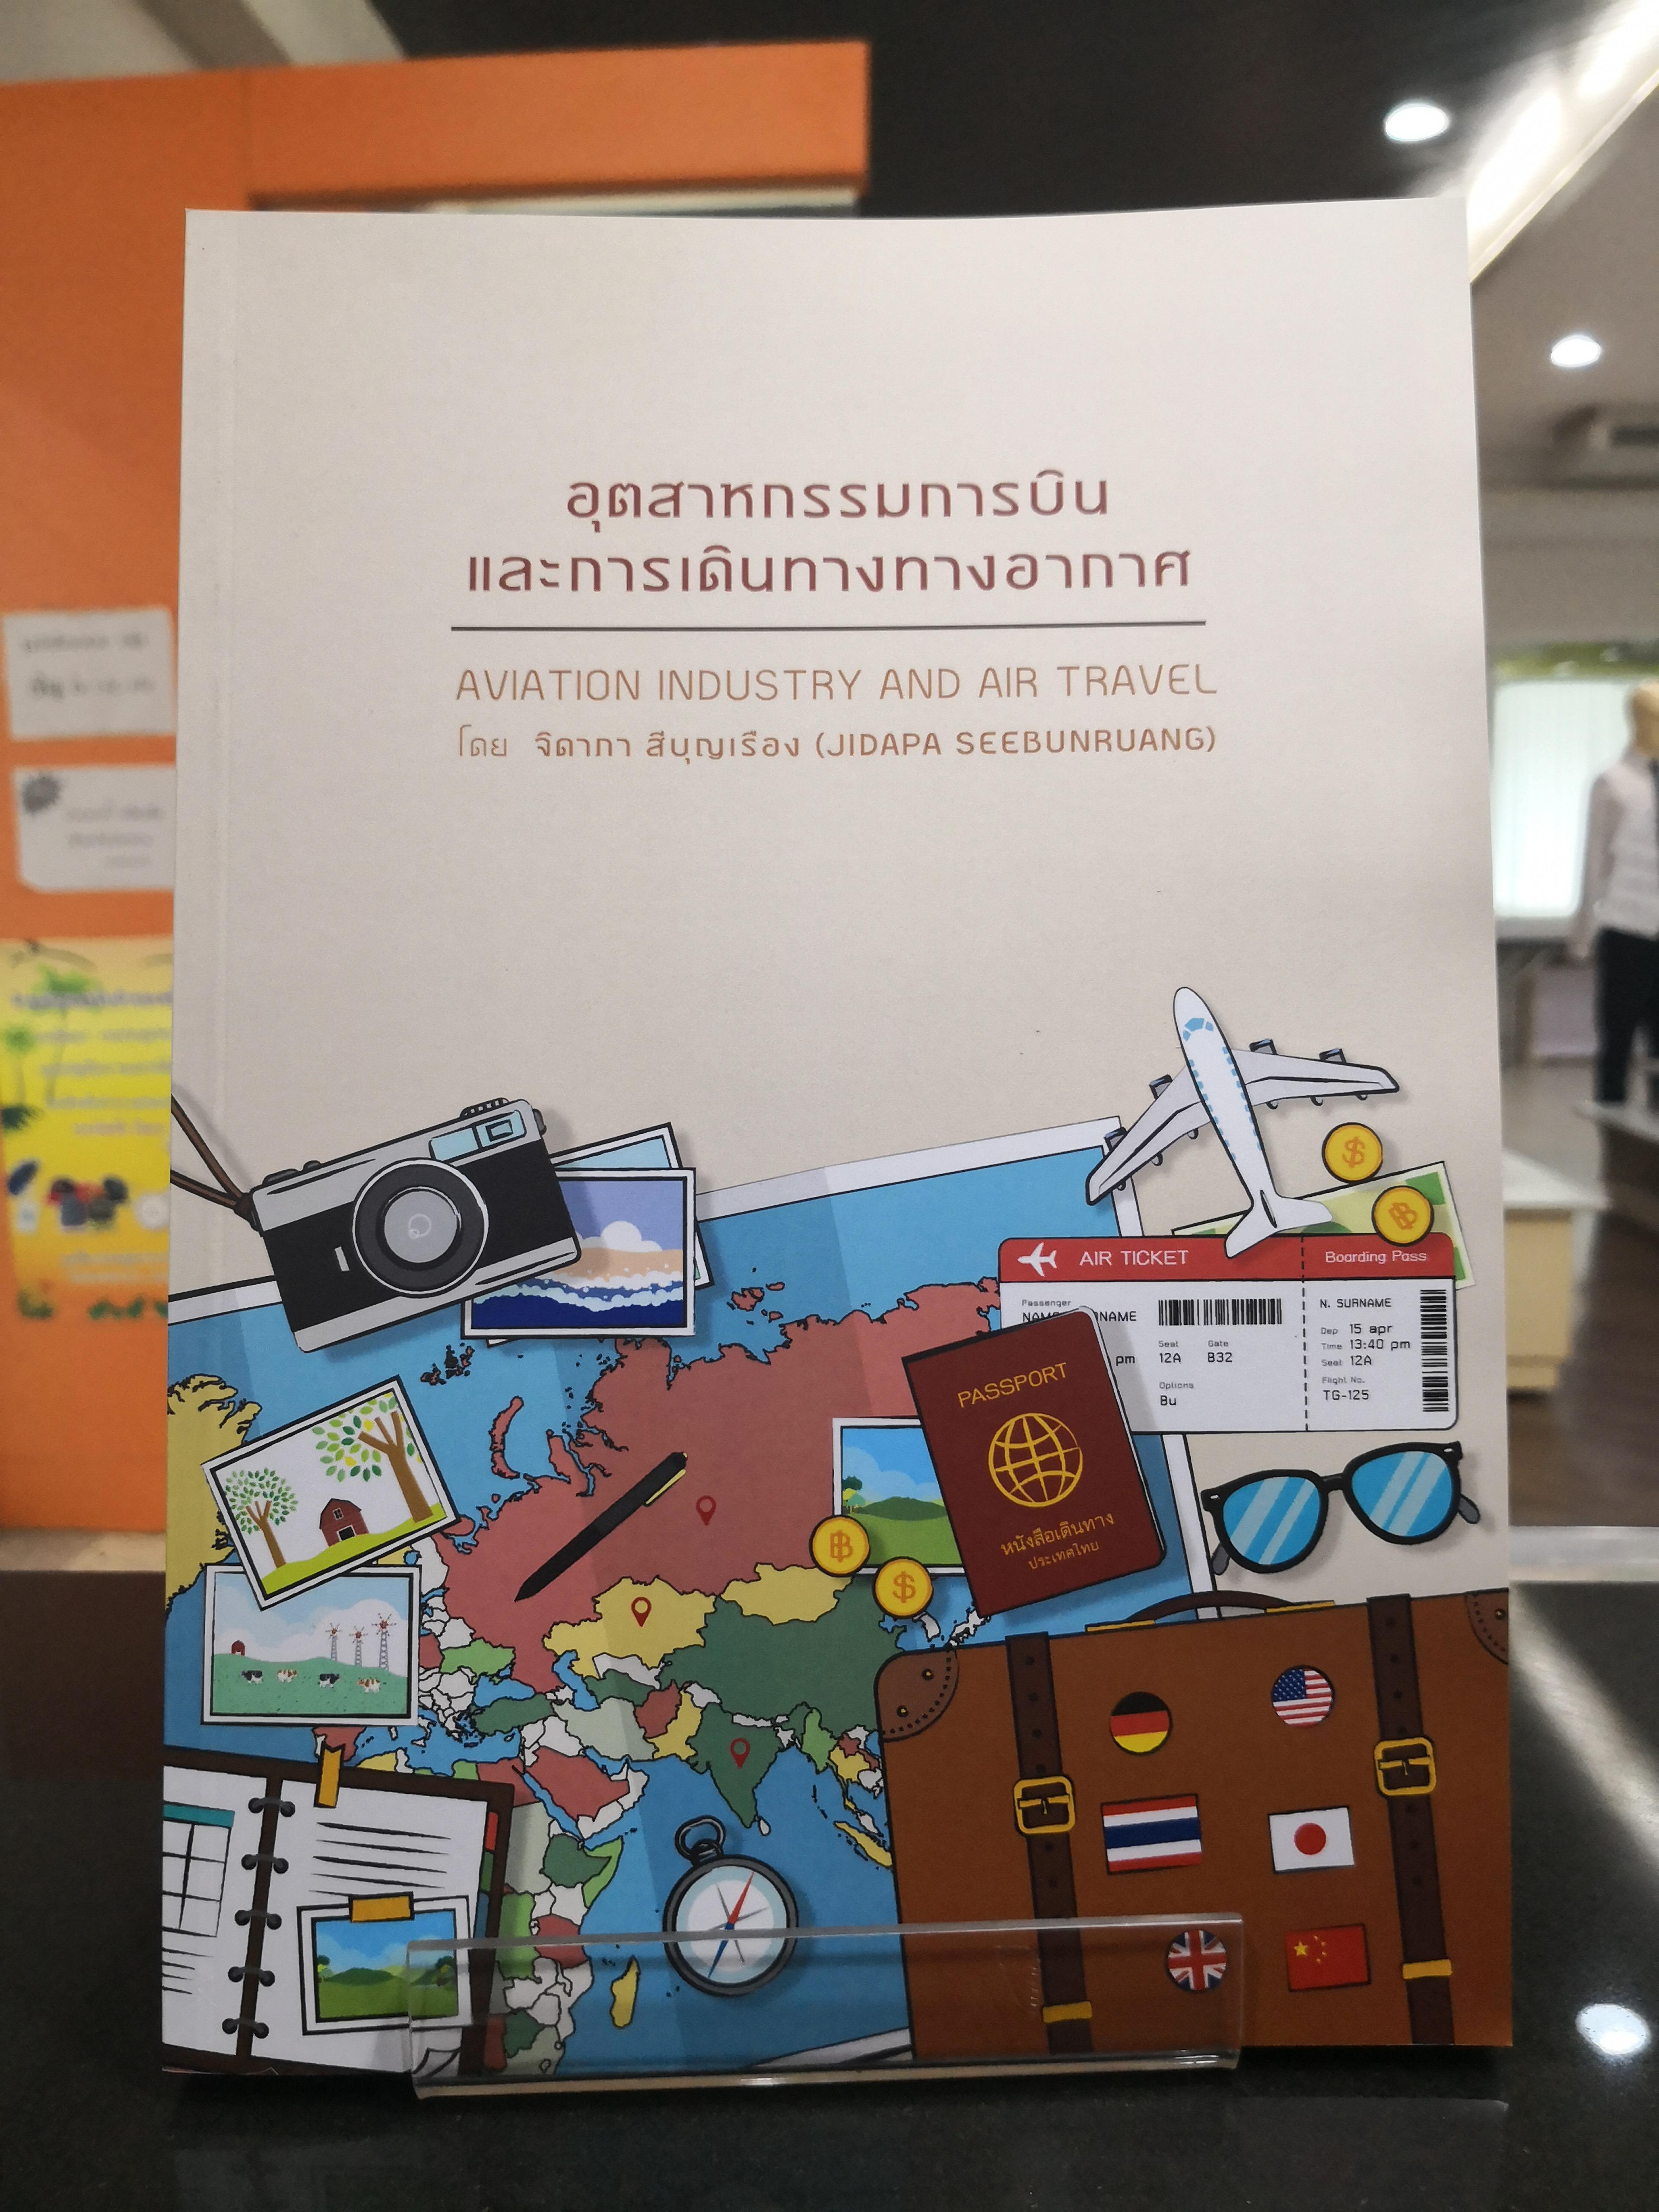 (Pre-Order) อุตสาหกรรมการบินและการเดินทางทางอากาศ